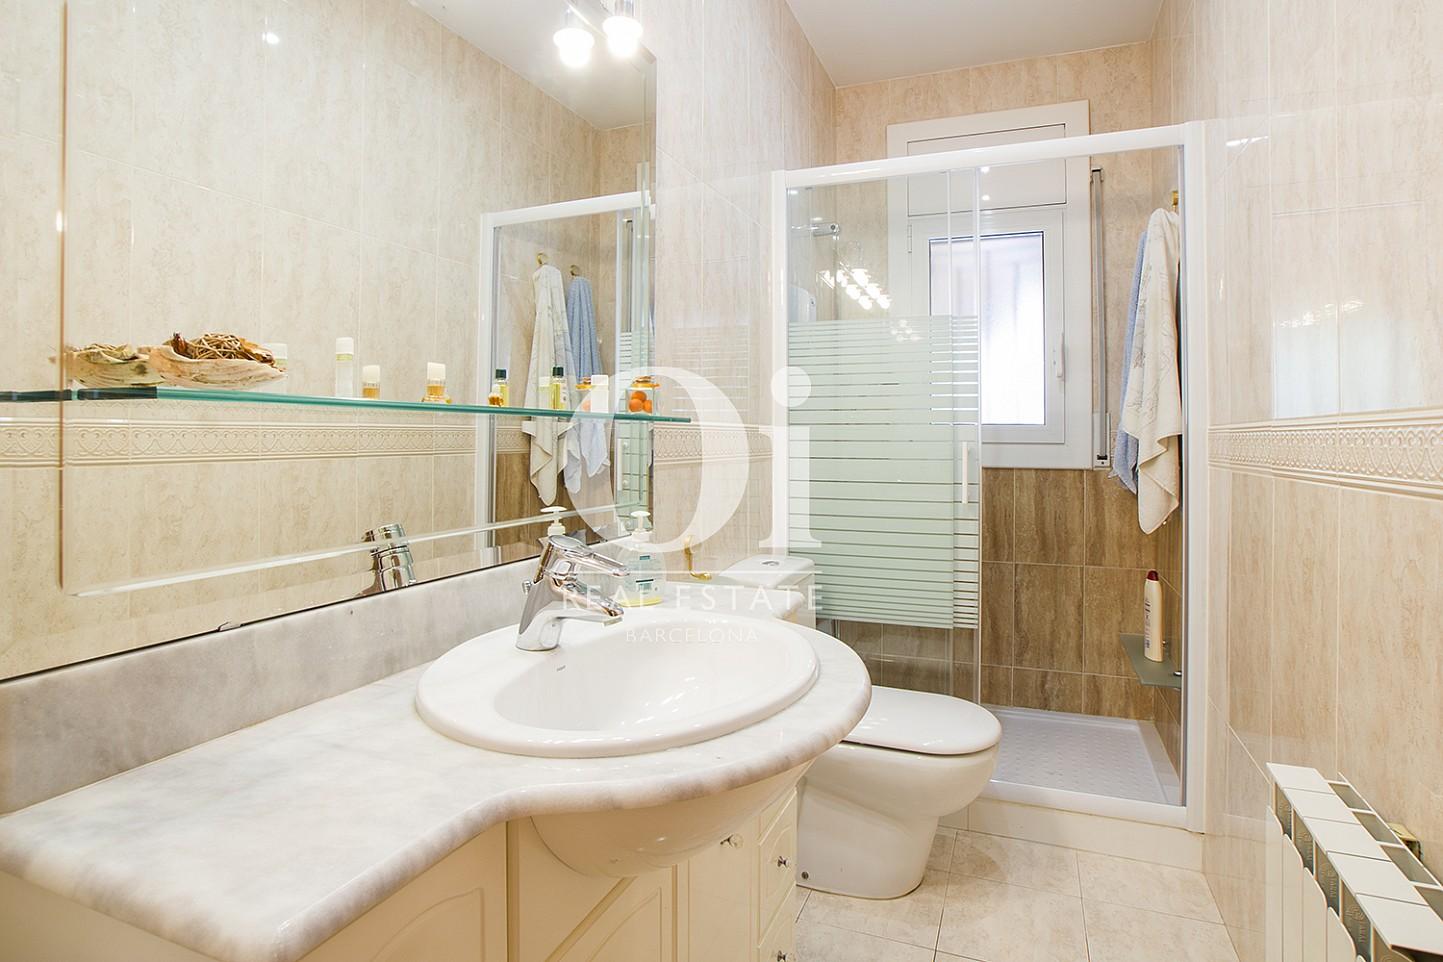 Salle de bain de maison à vendre à Tagament, Barcelone